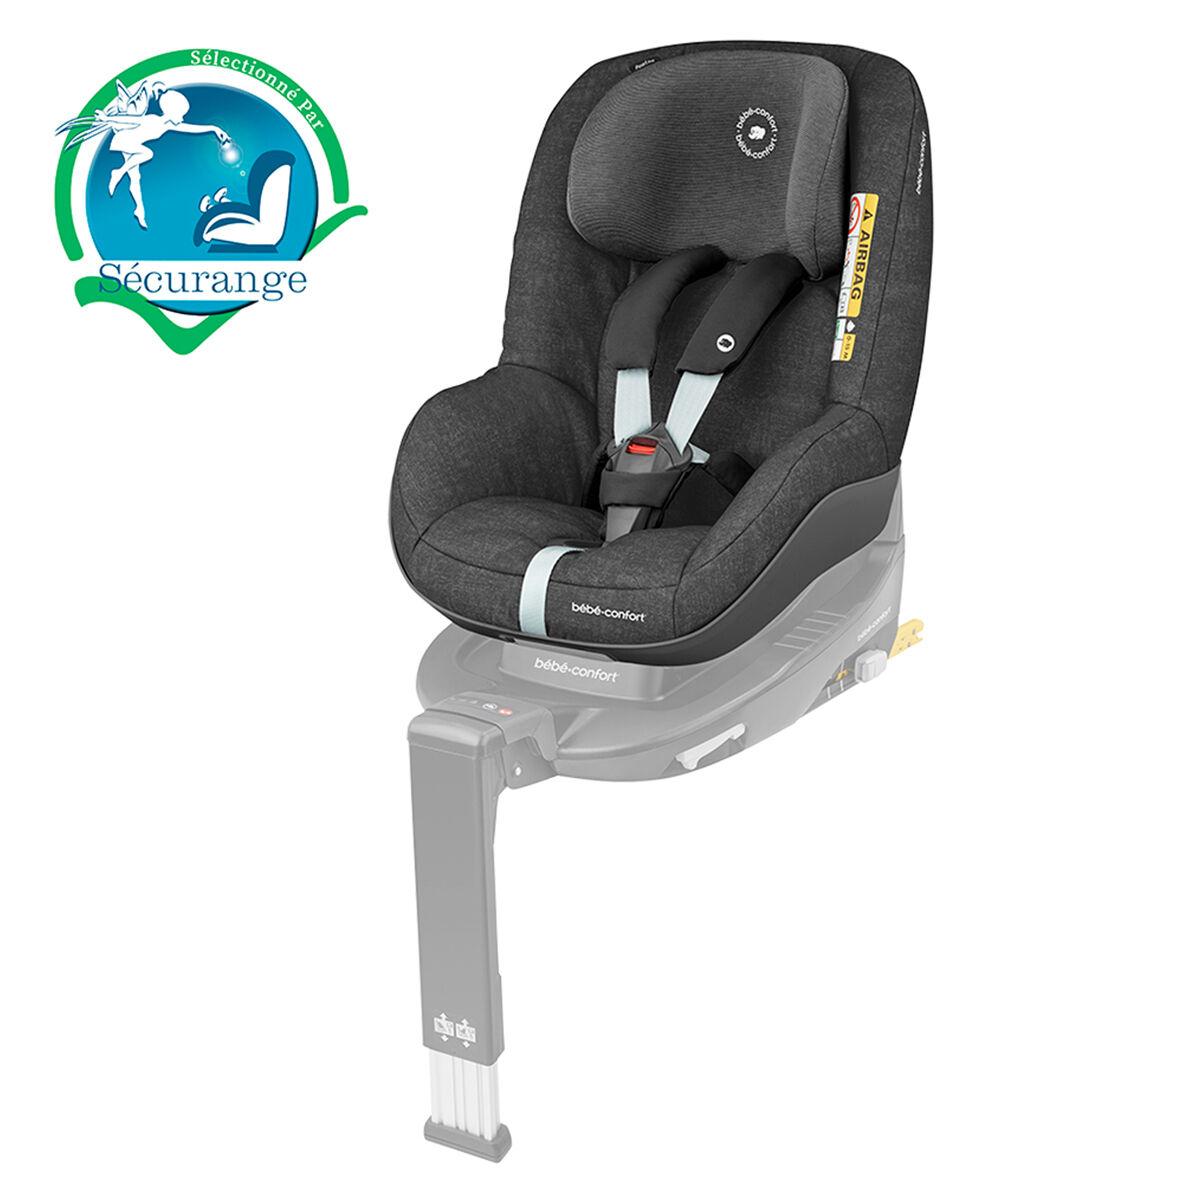 Bébé Confort Siège Auto Pearl Pro i-Size Groupe 1 - Nomad Black